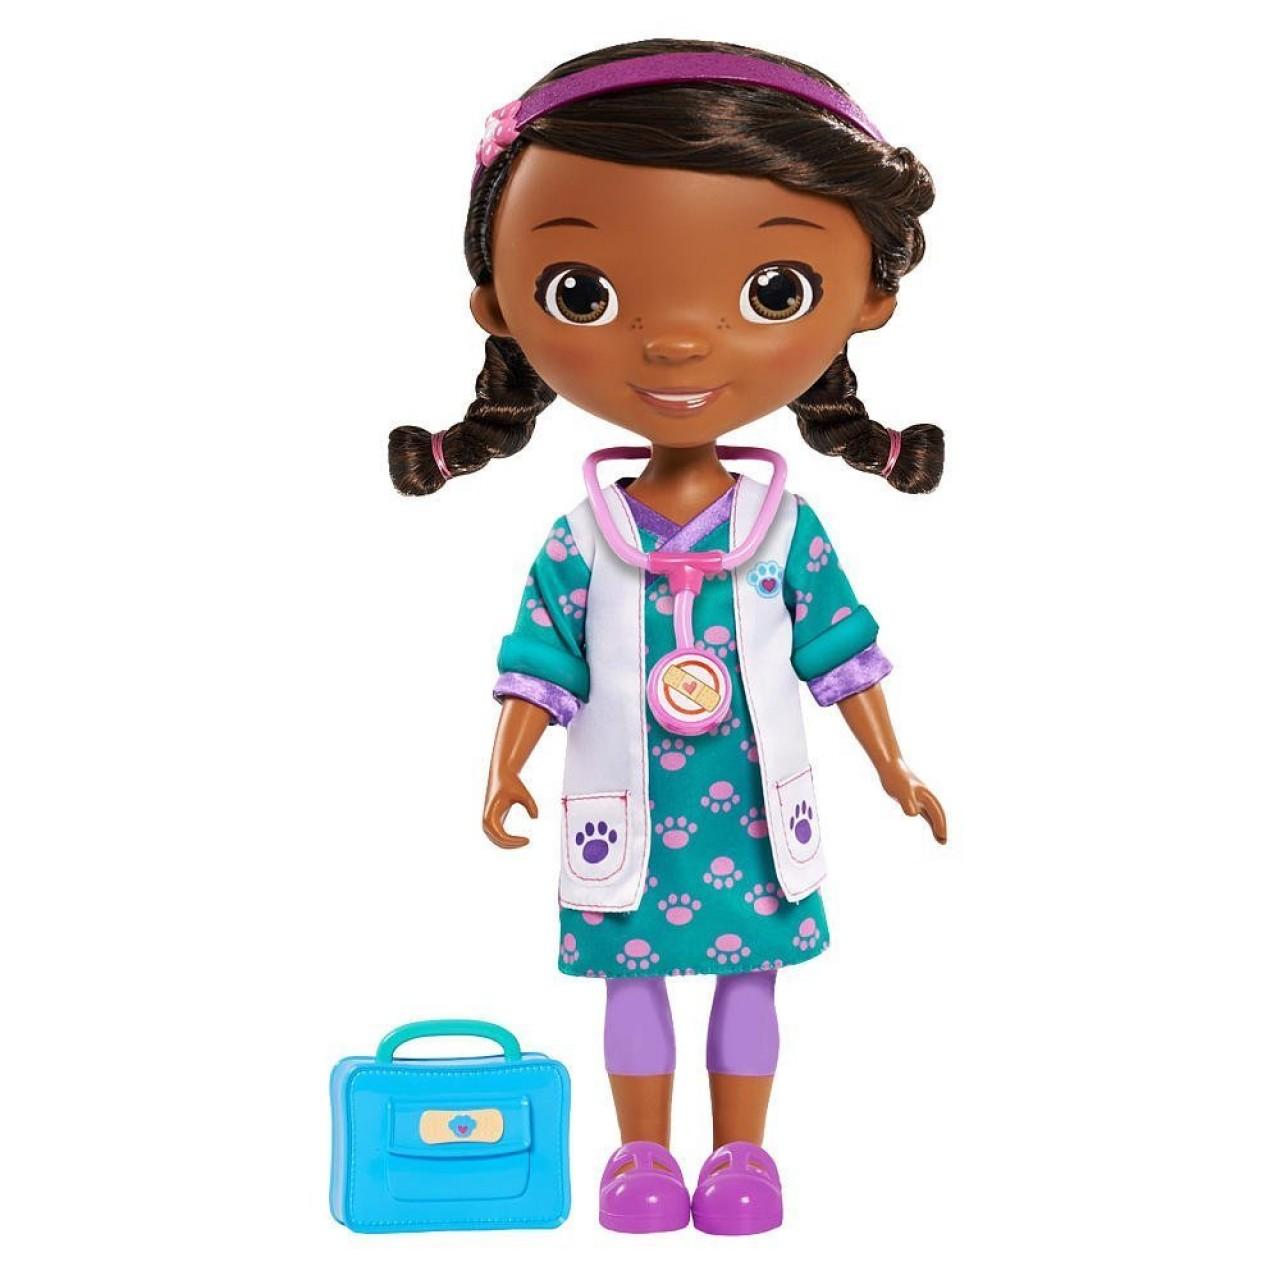 Большая кукла Доктор Плюшева в бирюзовом